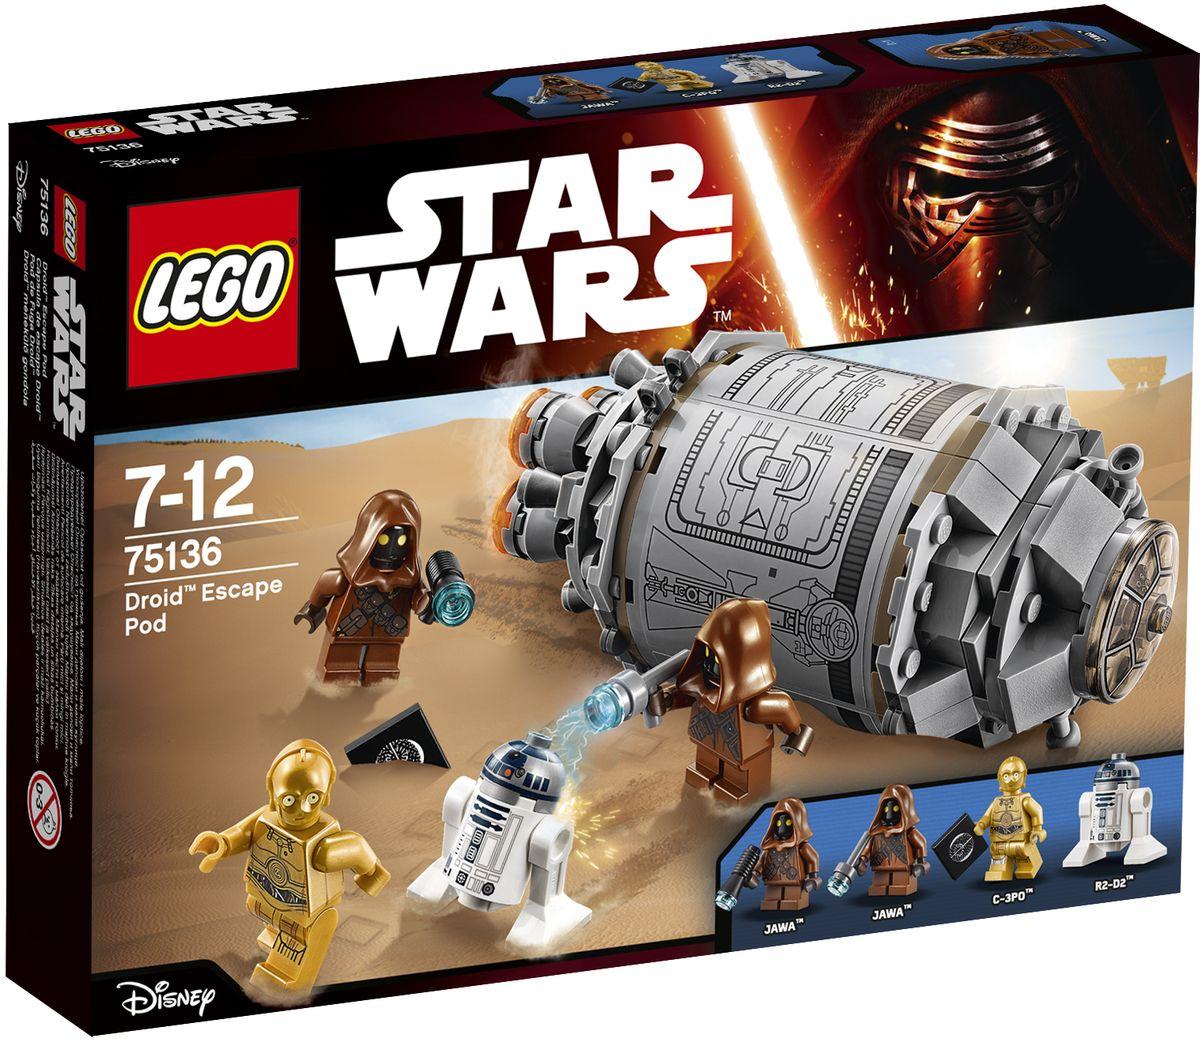 LEGO Star Wars Конструктор Спасательная капсула дроидов 7513675136Конструктор Lego Star Wars Спасательная капсула дроидов приведет в восторг любого поклонника знаменитой космической саги Звездные войны. Конструктор содержит 197 пластиковых элементов, с помощью которых вы сможете собрать оригинальный космический корабль из вселенной Звездных войн. C-3PO и R2-D2 в опасности и нуждаются в помощи! Загрузи их в спасательную капсулу, закрой люки и начни спасательную операцию. После посадки на ближайшей планете сможешь ли ты спасти их от джав, вооруженных ионными бластерами? Это предстоит решить тебе самому. Спасательная капсула открывается, внутри располагаются посадочные места для двух фигурок. Также в набор входят фигурки дроидов и их преследователей. Игры с конструкторами помогут ребенку развить воображение, внимательность, пространственное мышление и творческие способности. Такой конструктор надолго займет внимание малыша и непременно станет его любимой игрушкой.